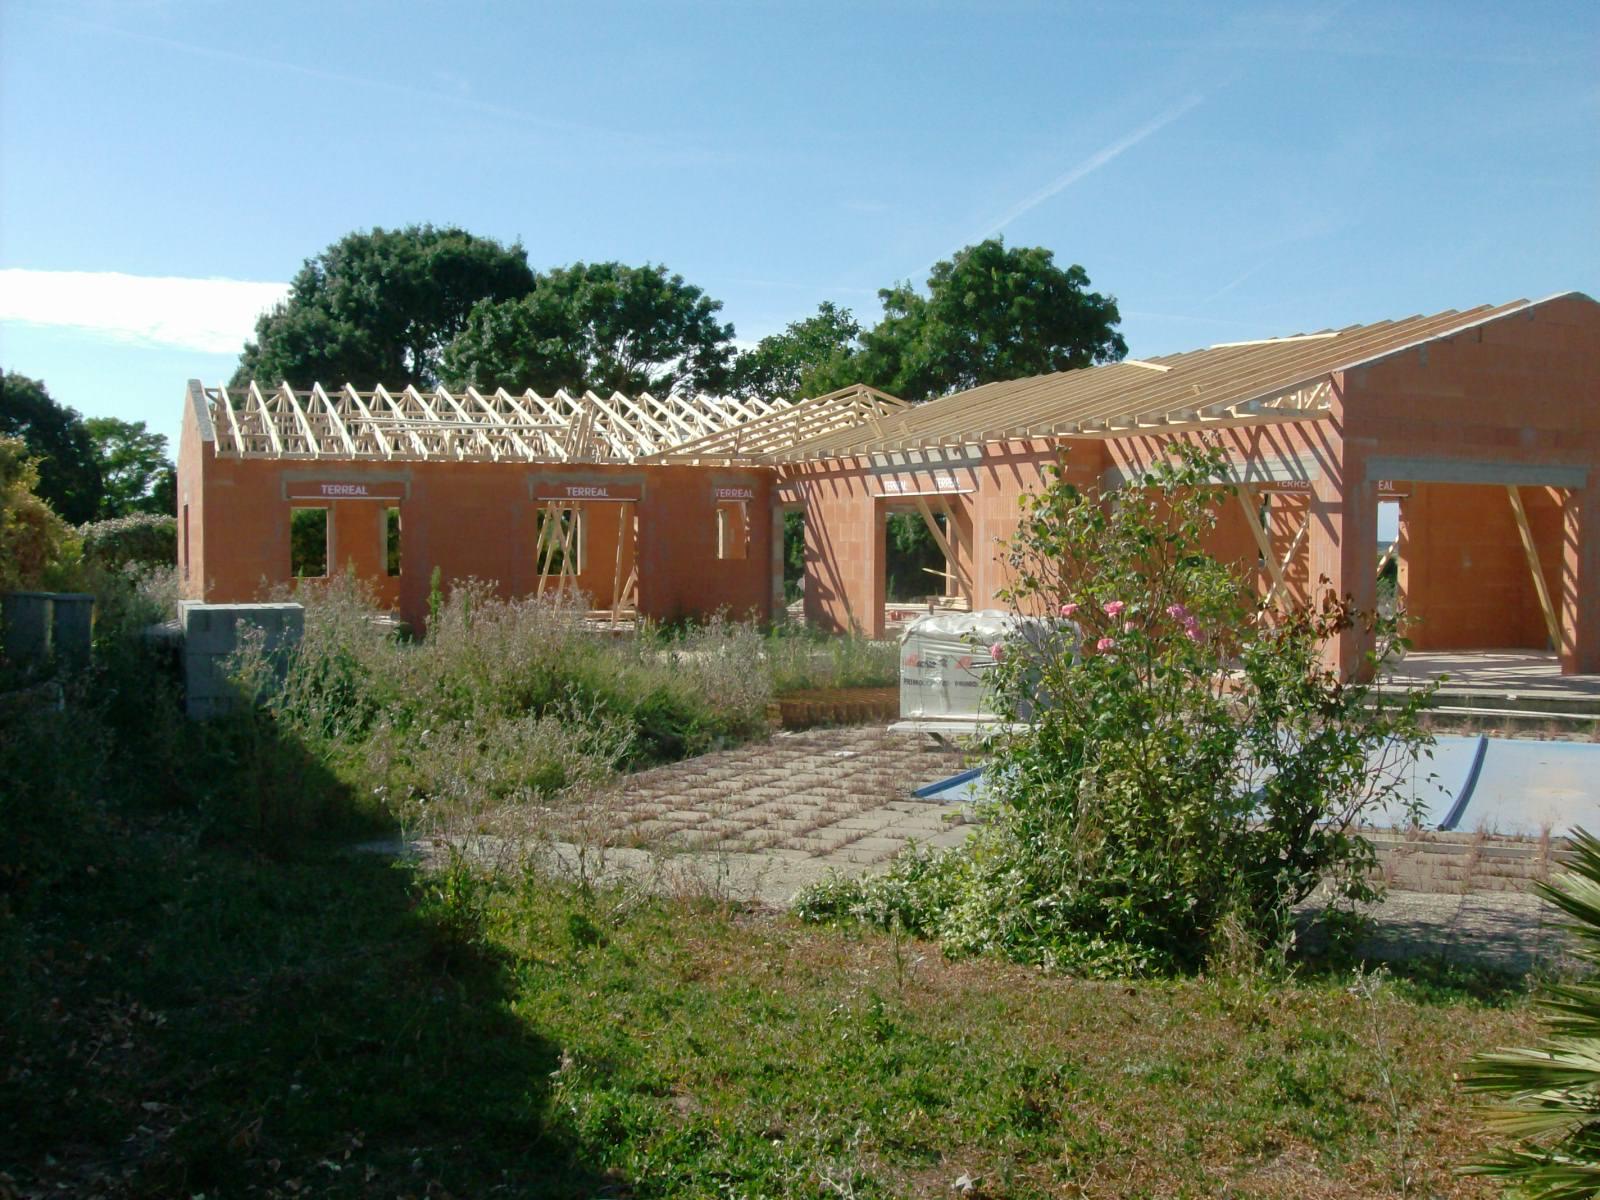 Chantier st nazaire 005 maisons lara for Constructeur maison individuelle 17000